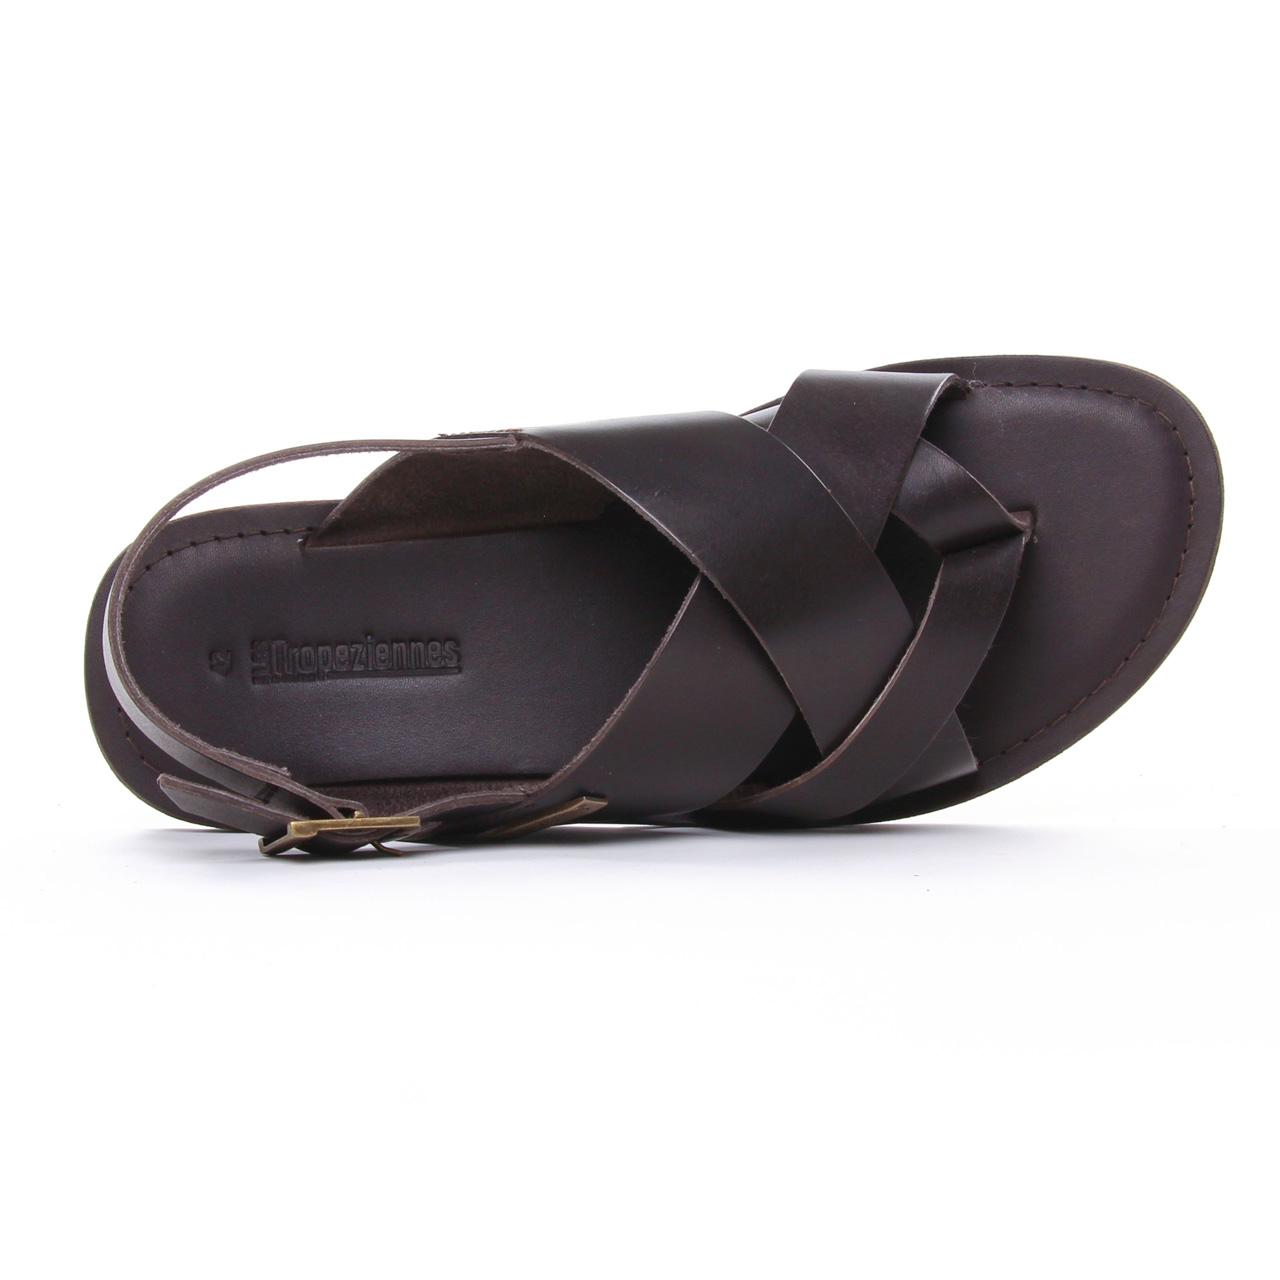 Les Tropeziennes Daco Marron | sandales marron printemps été